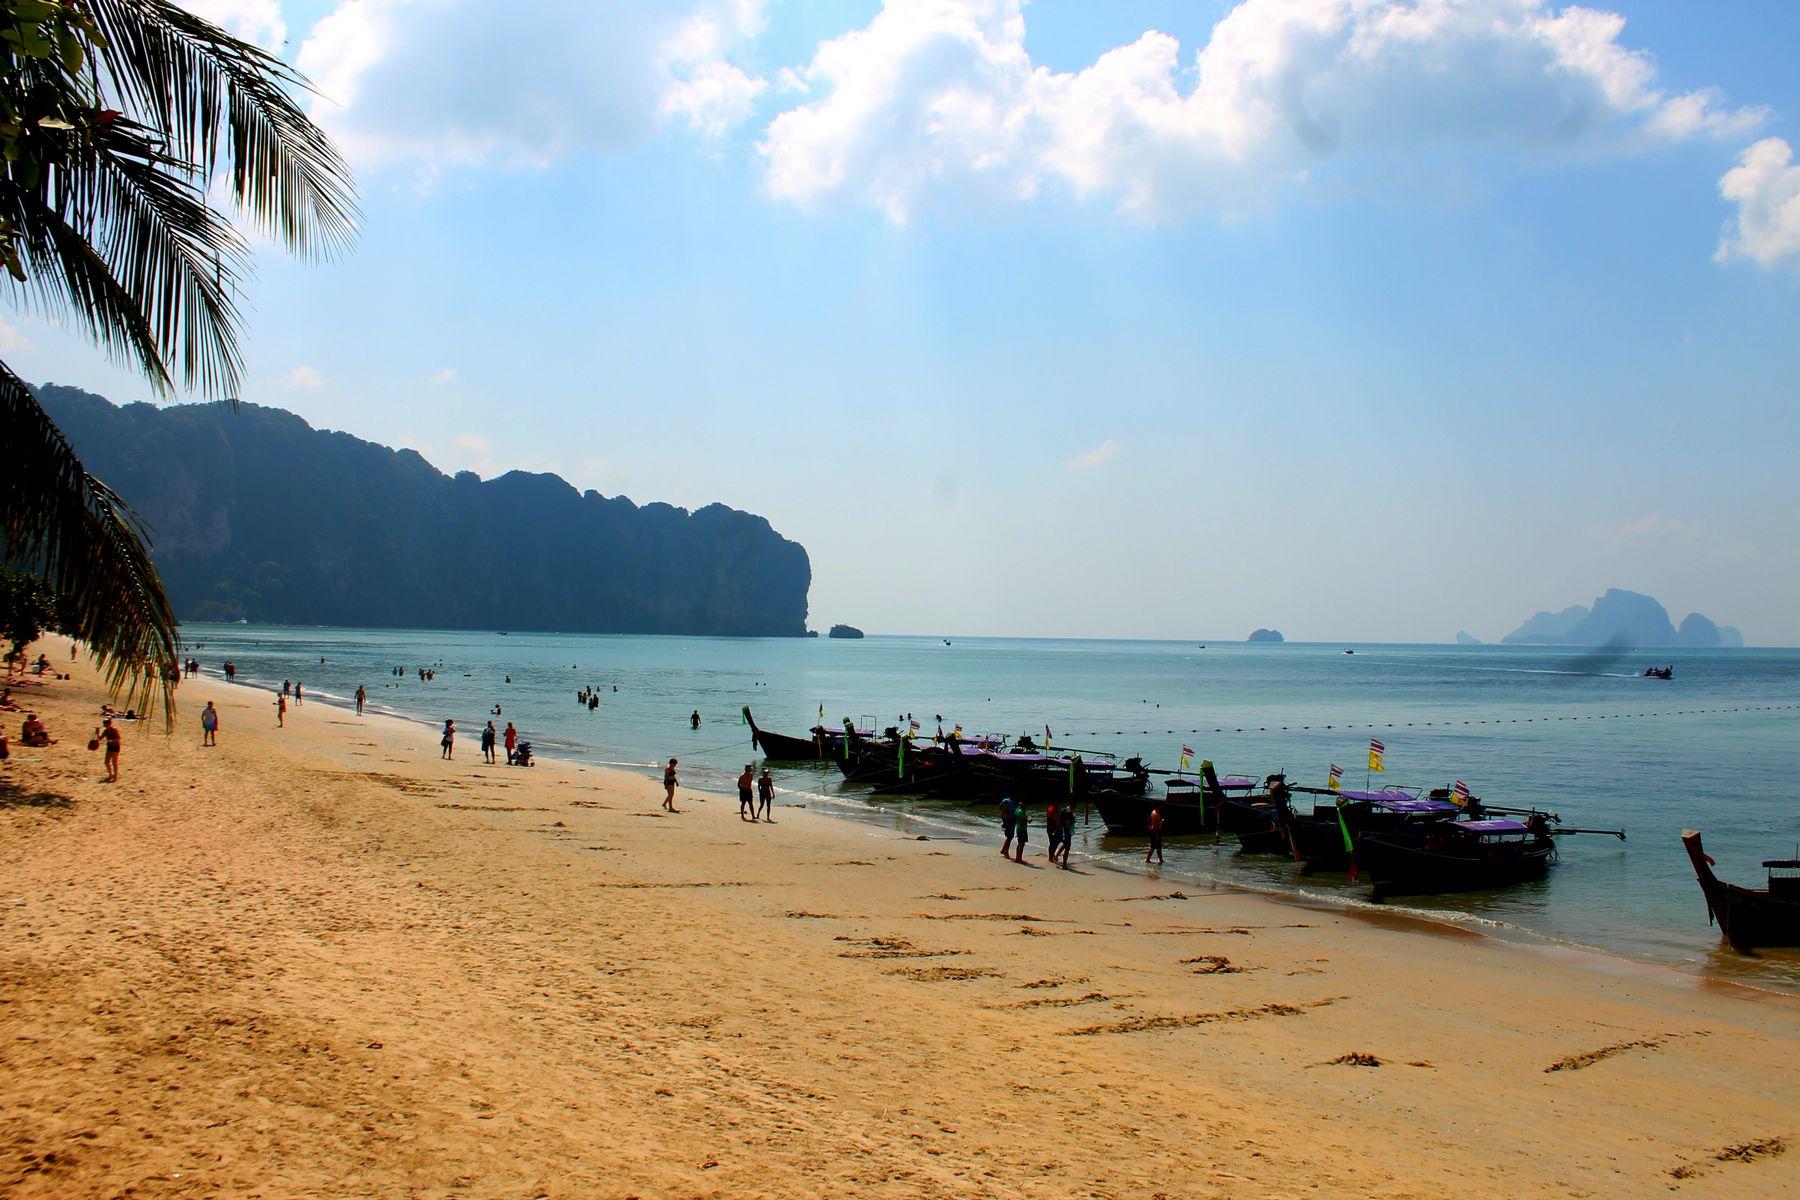 vacanta-aoang-krabi-thailanda-plaja